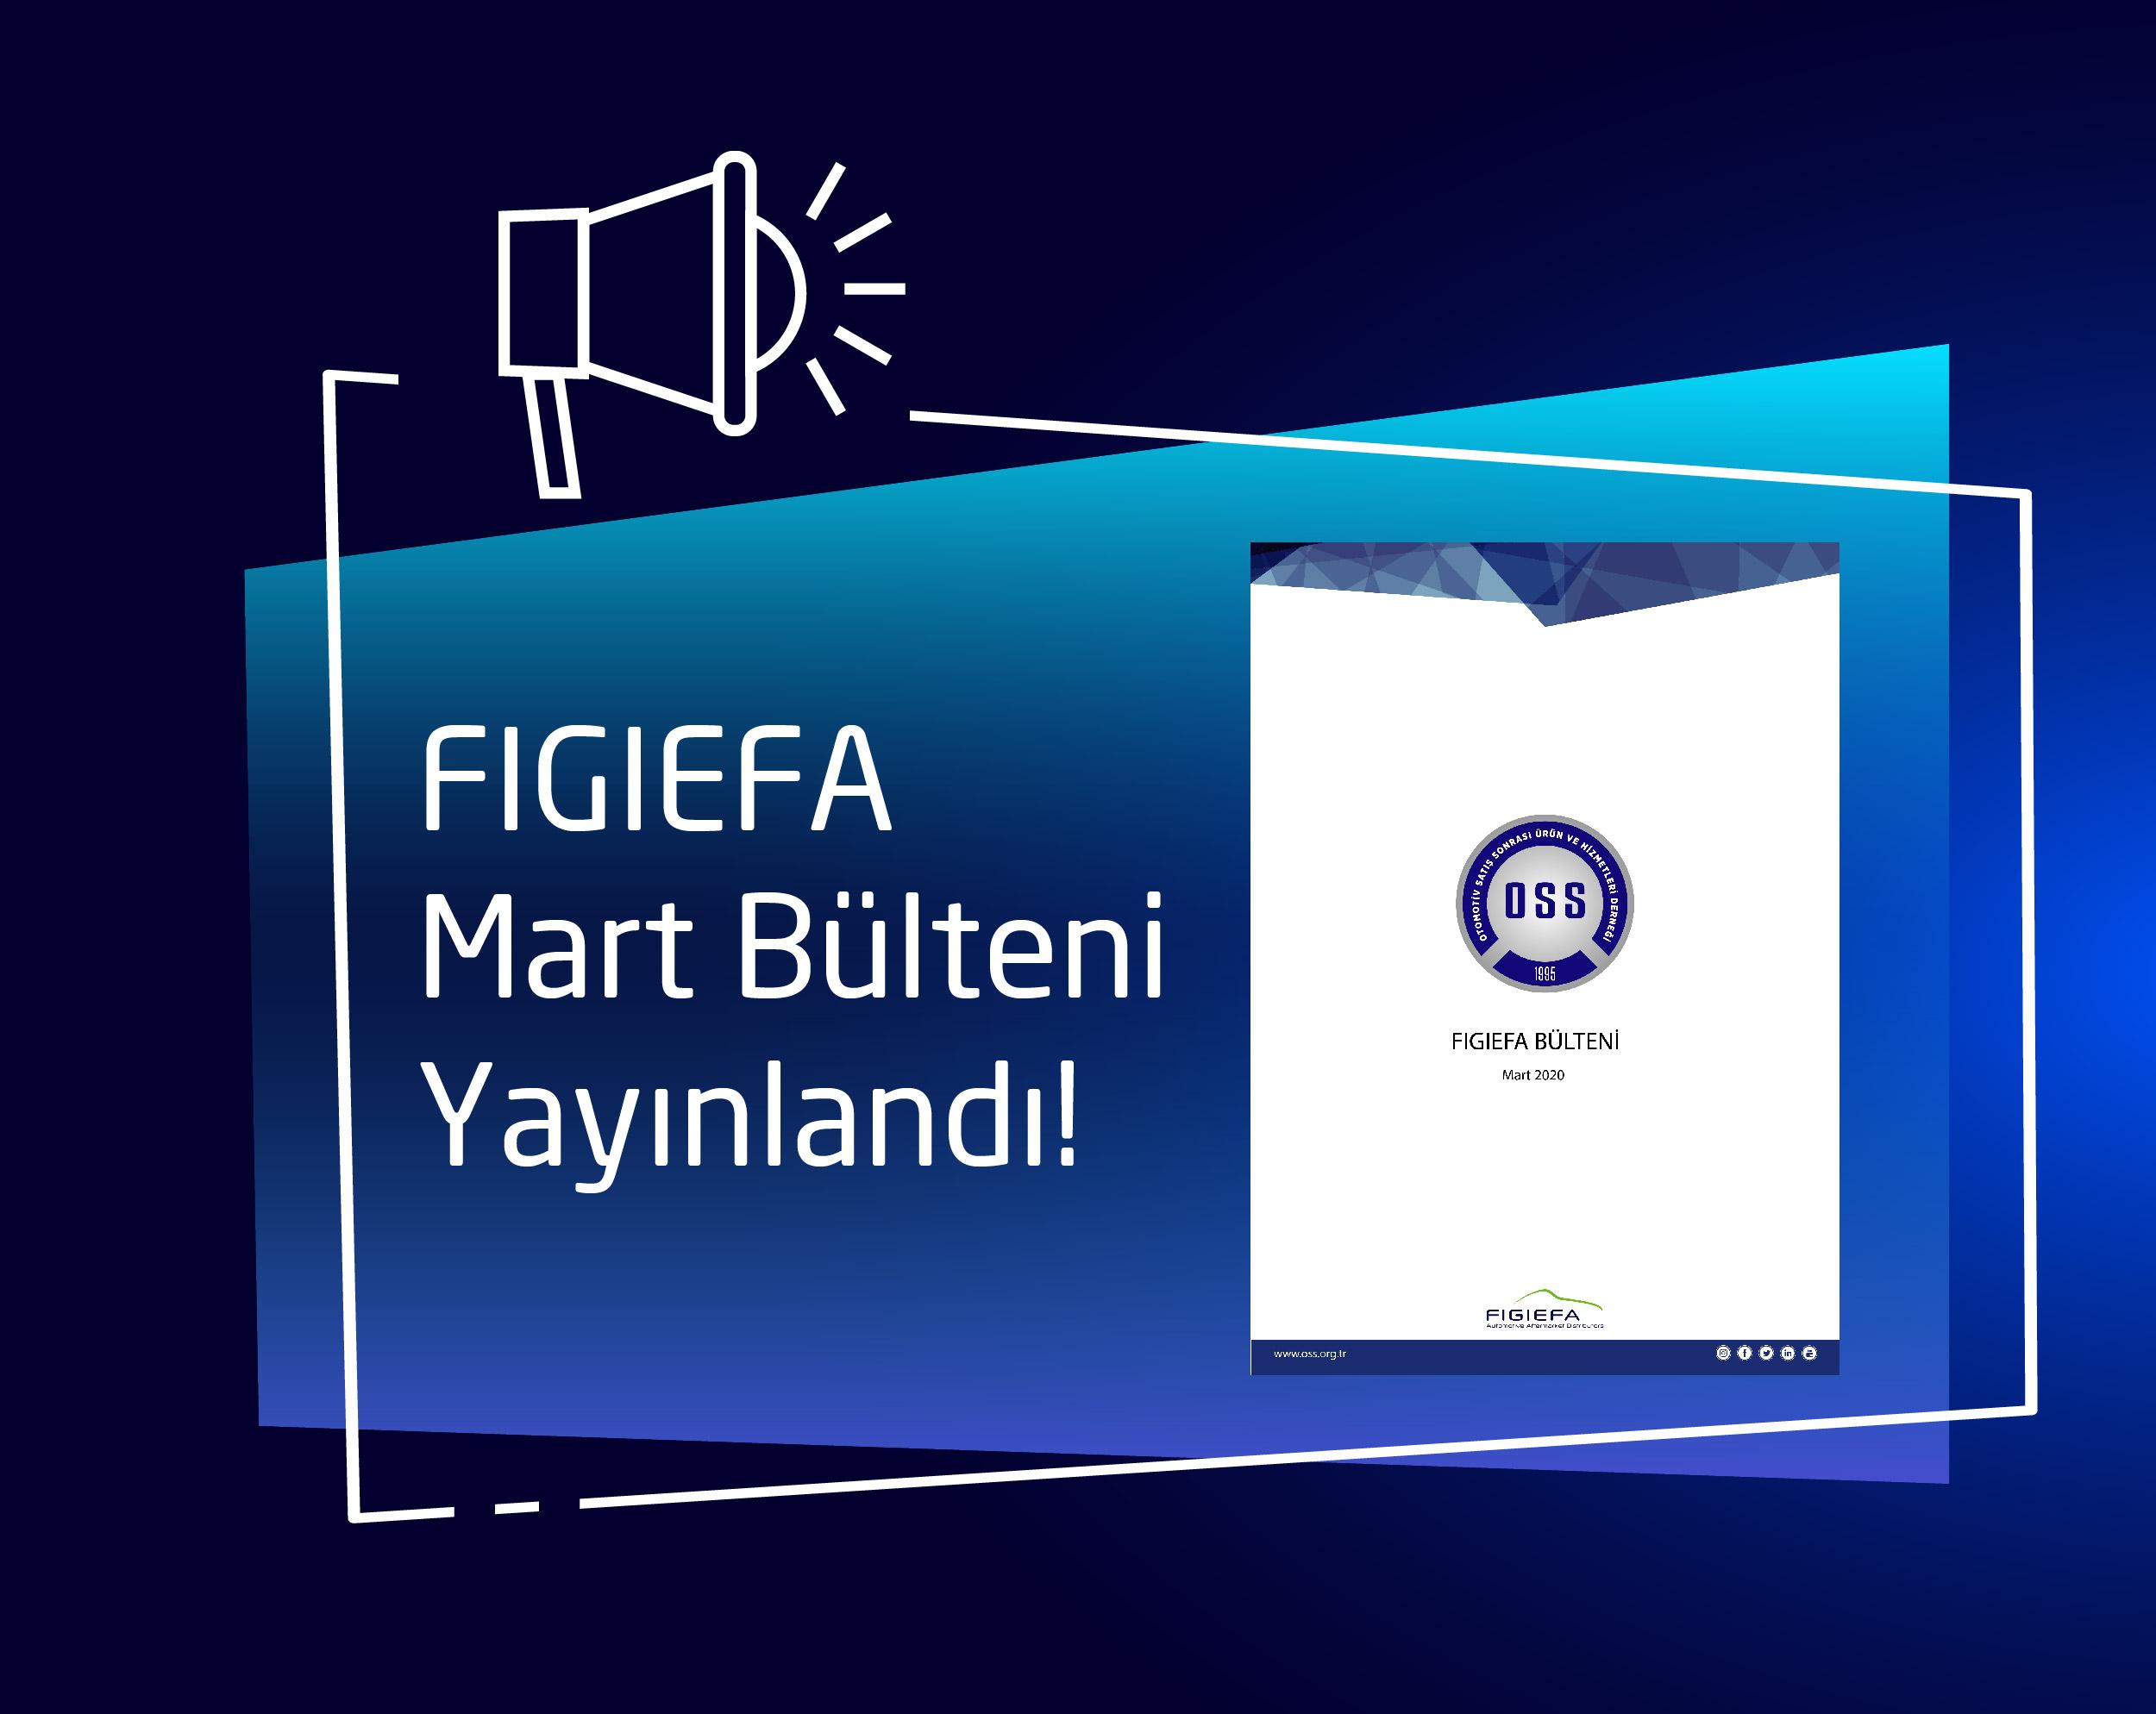 FIGIEFA Mart 2020 Bülteni, Dikkat Çekici ve Sektöre Işık Tutan Konularıyla Yayınlandı